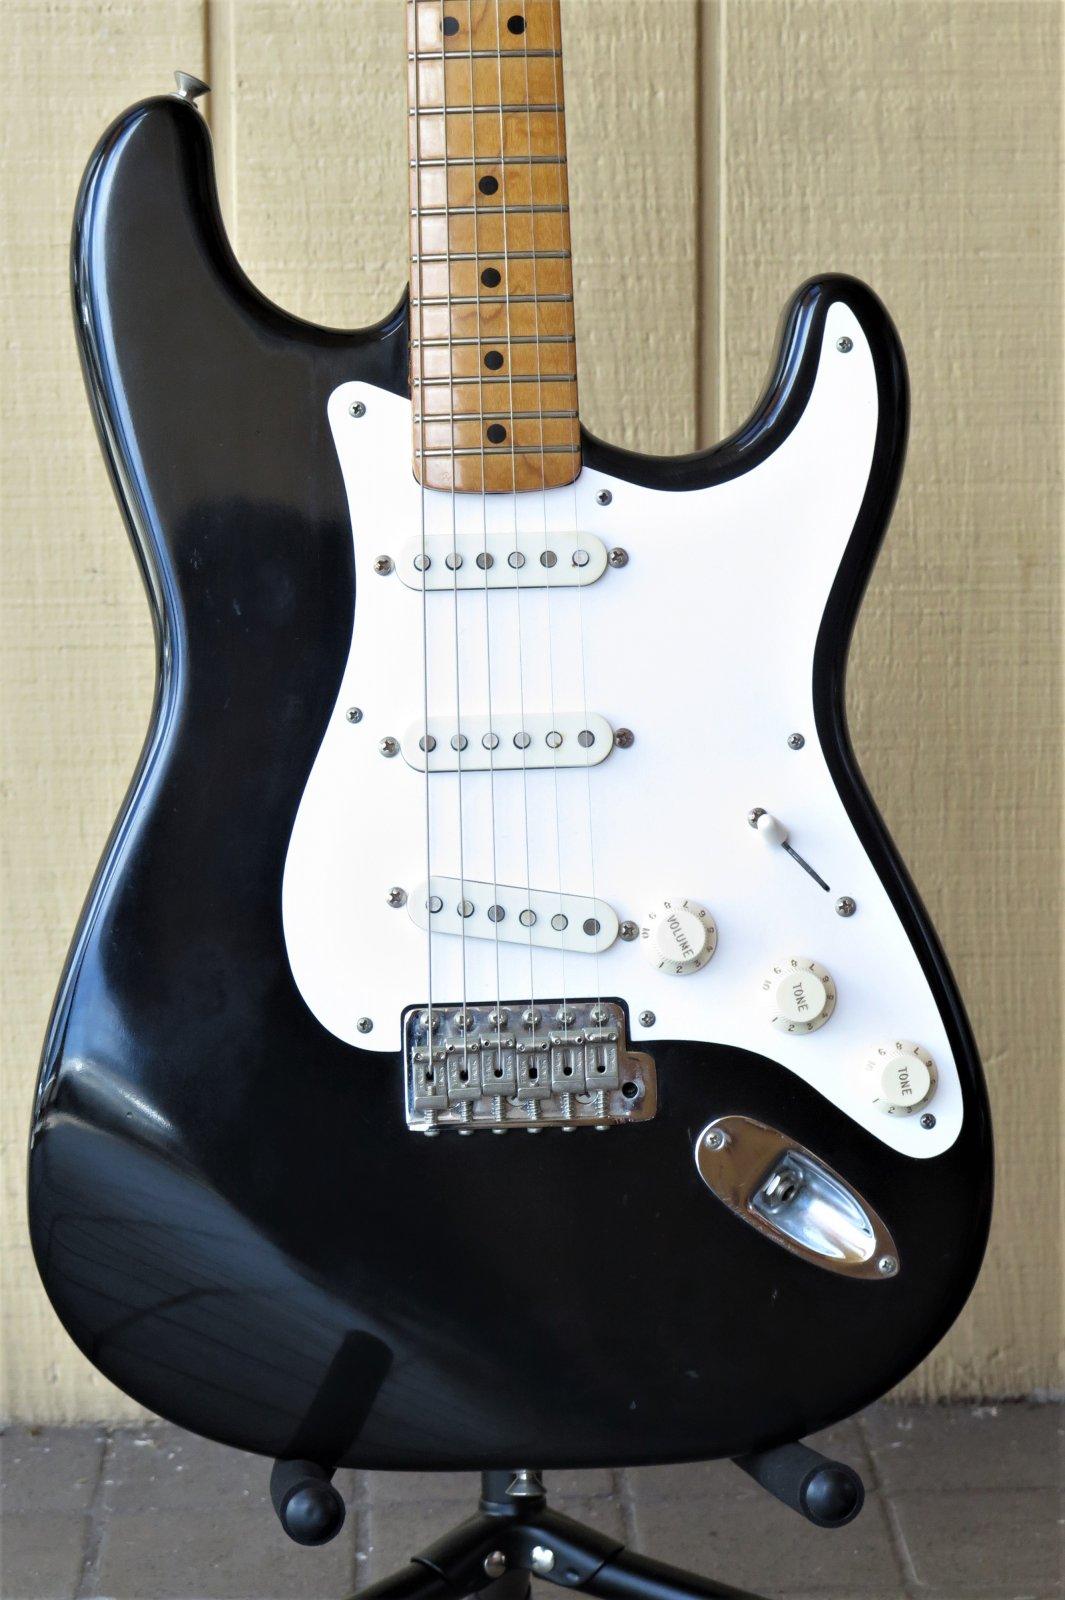 1988 Fender Stratocaster '57 Reissue (Used)